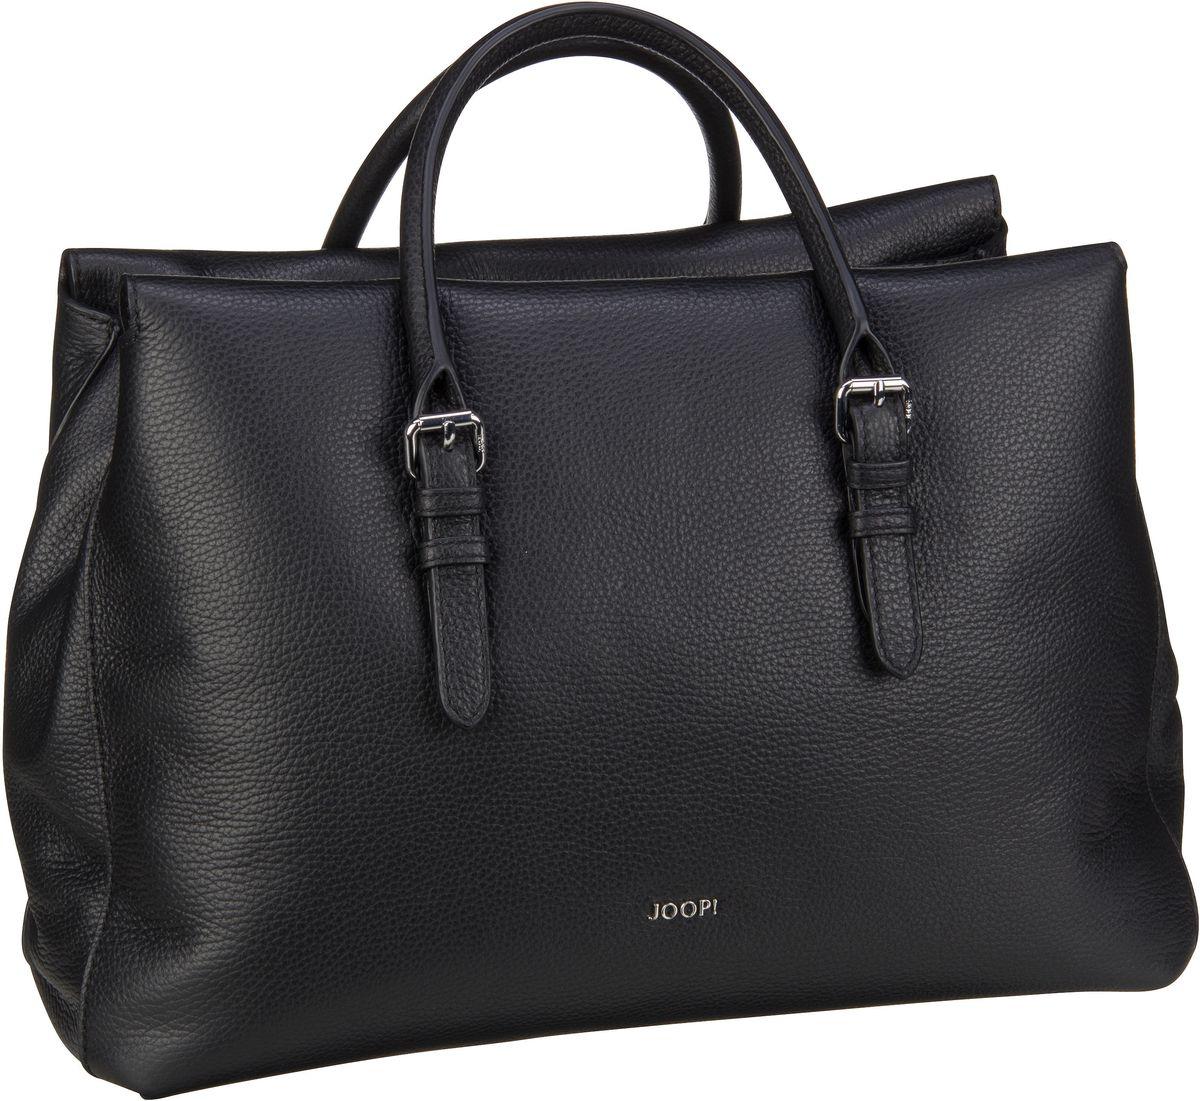 Handtasche Chiara Mila BusinessShopper LHZ Black